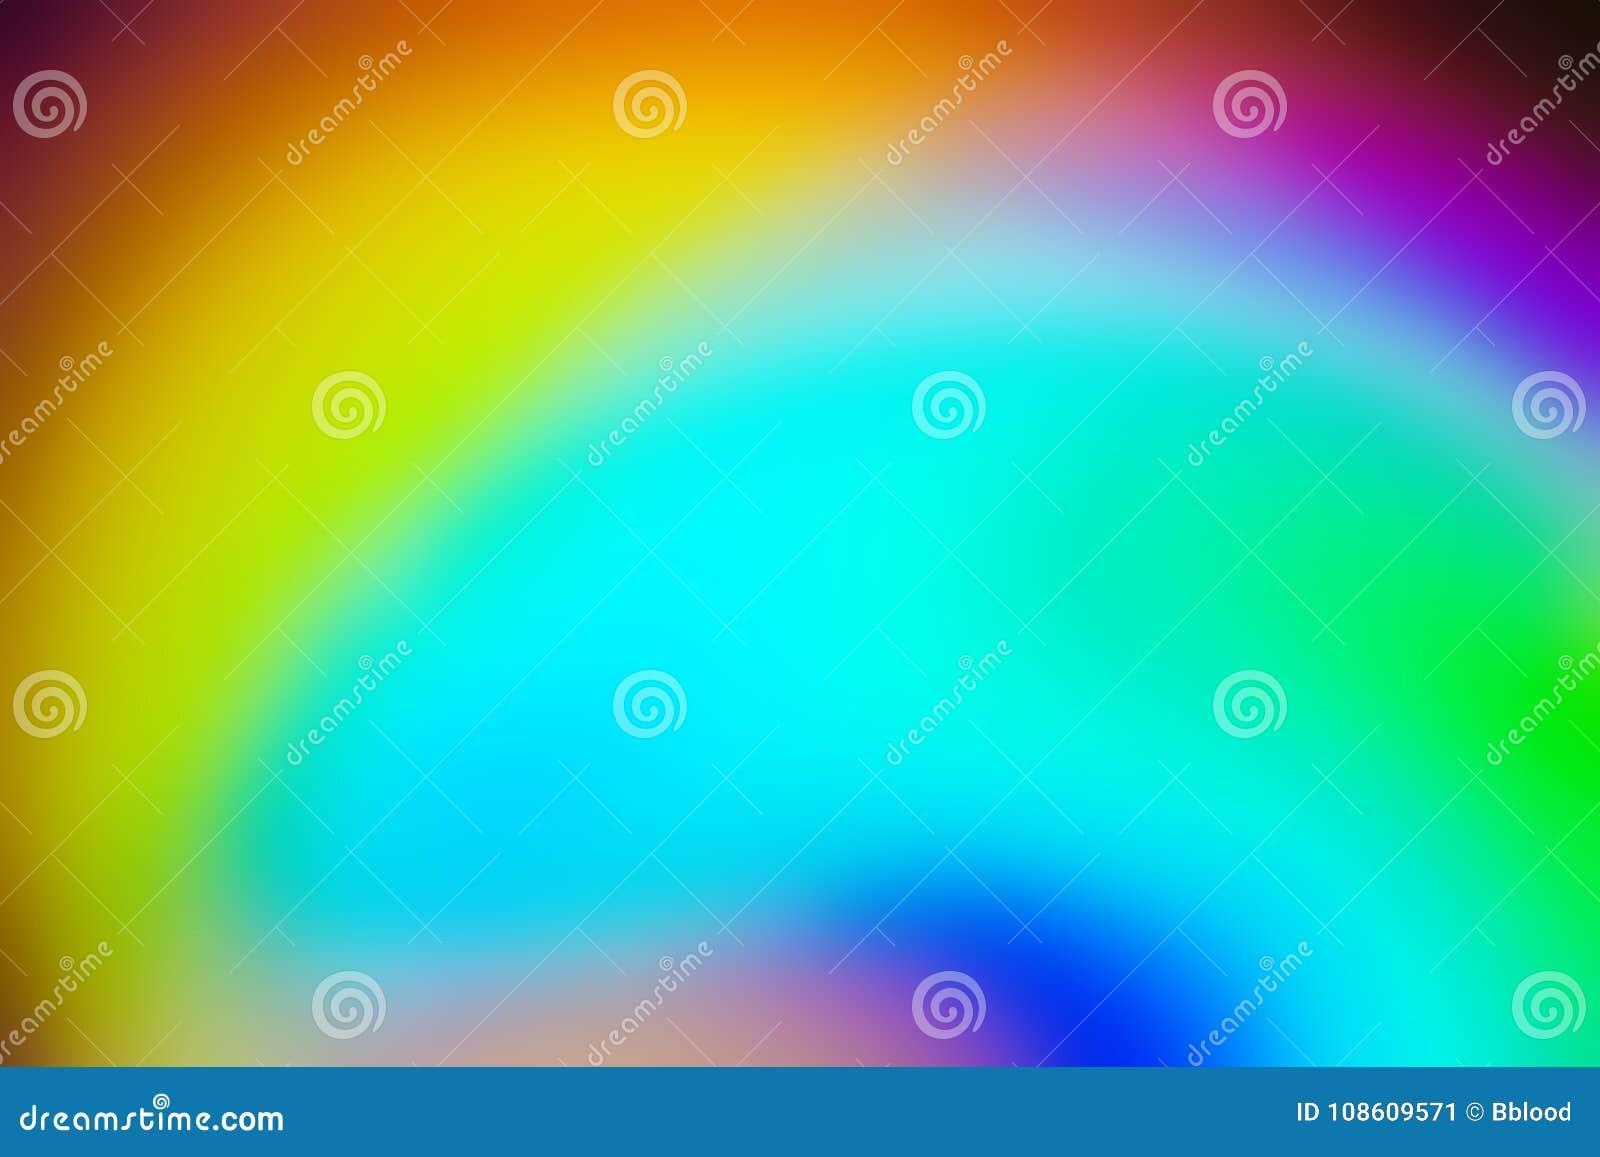 Fondo del extracto del color del arco iris